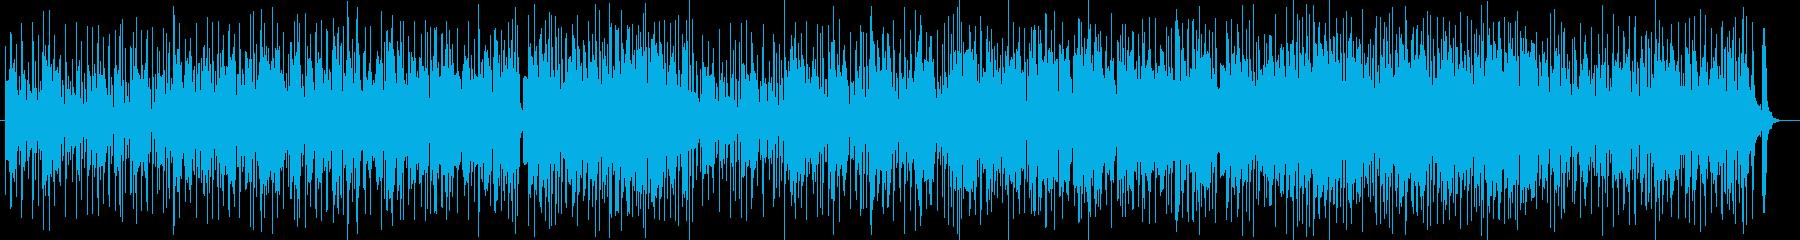 ポップでしなやかなシンセポップスの再生済みの波形